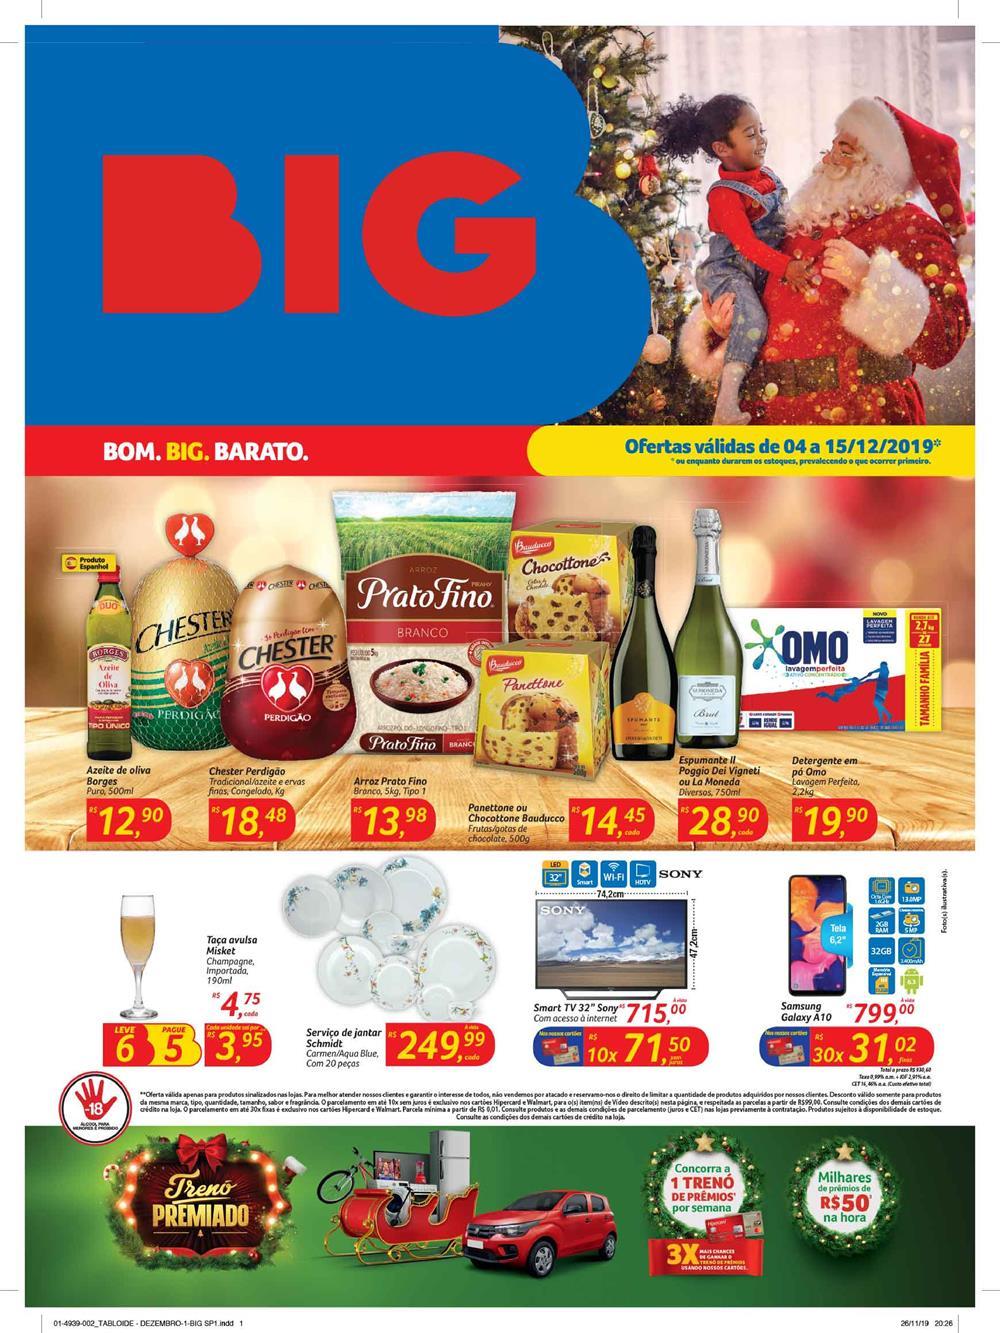 big-ofertas-tabloide1-1 Novo Folheto de Ofertas BIG com mais de 300 promoções até 15/12